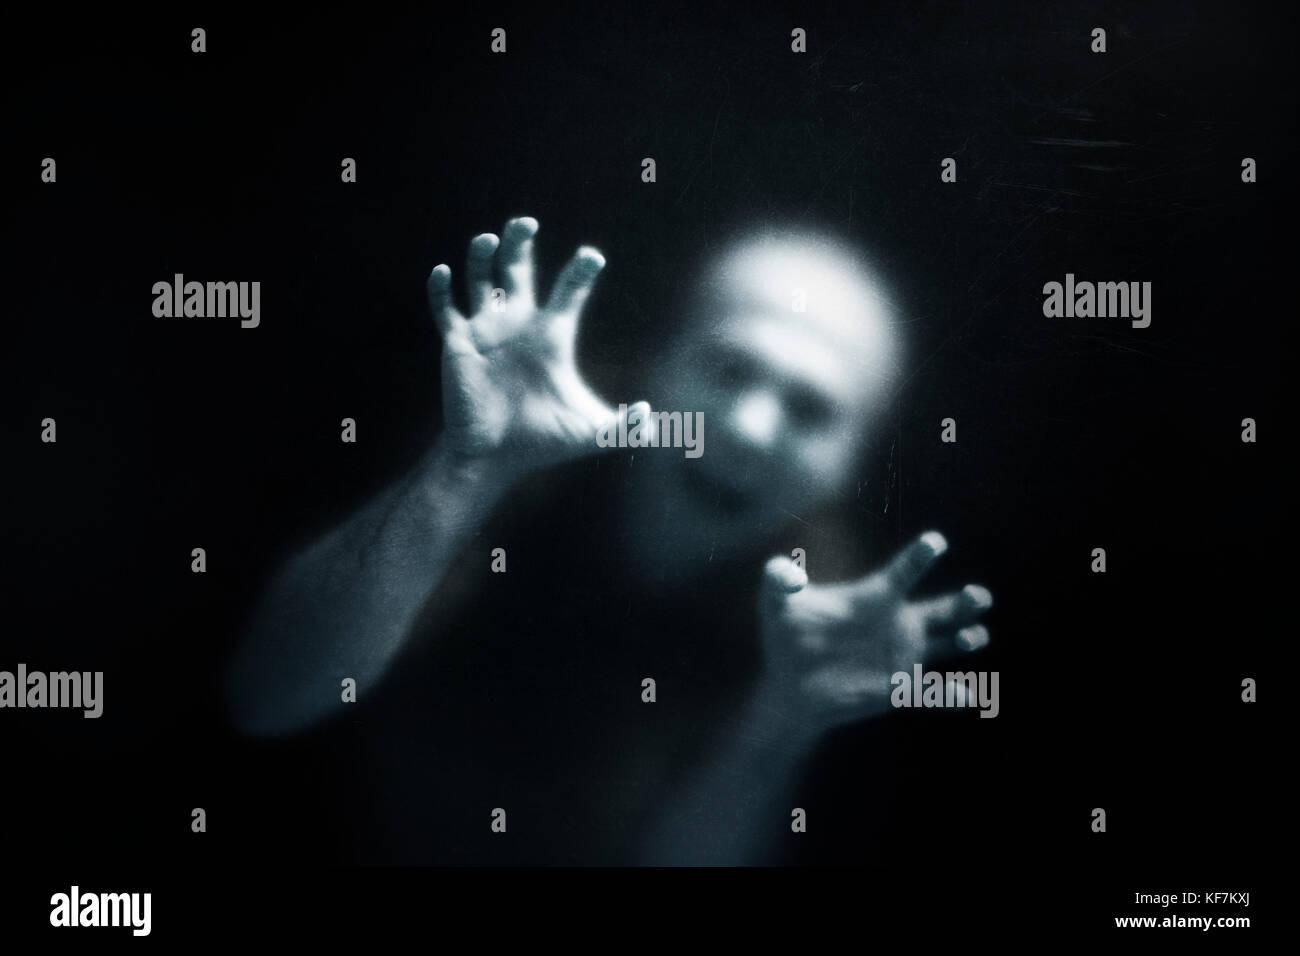 Urlando uomo dietro un polveroso vetro graffiato Immagini Stock